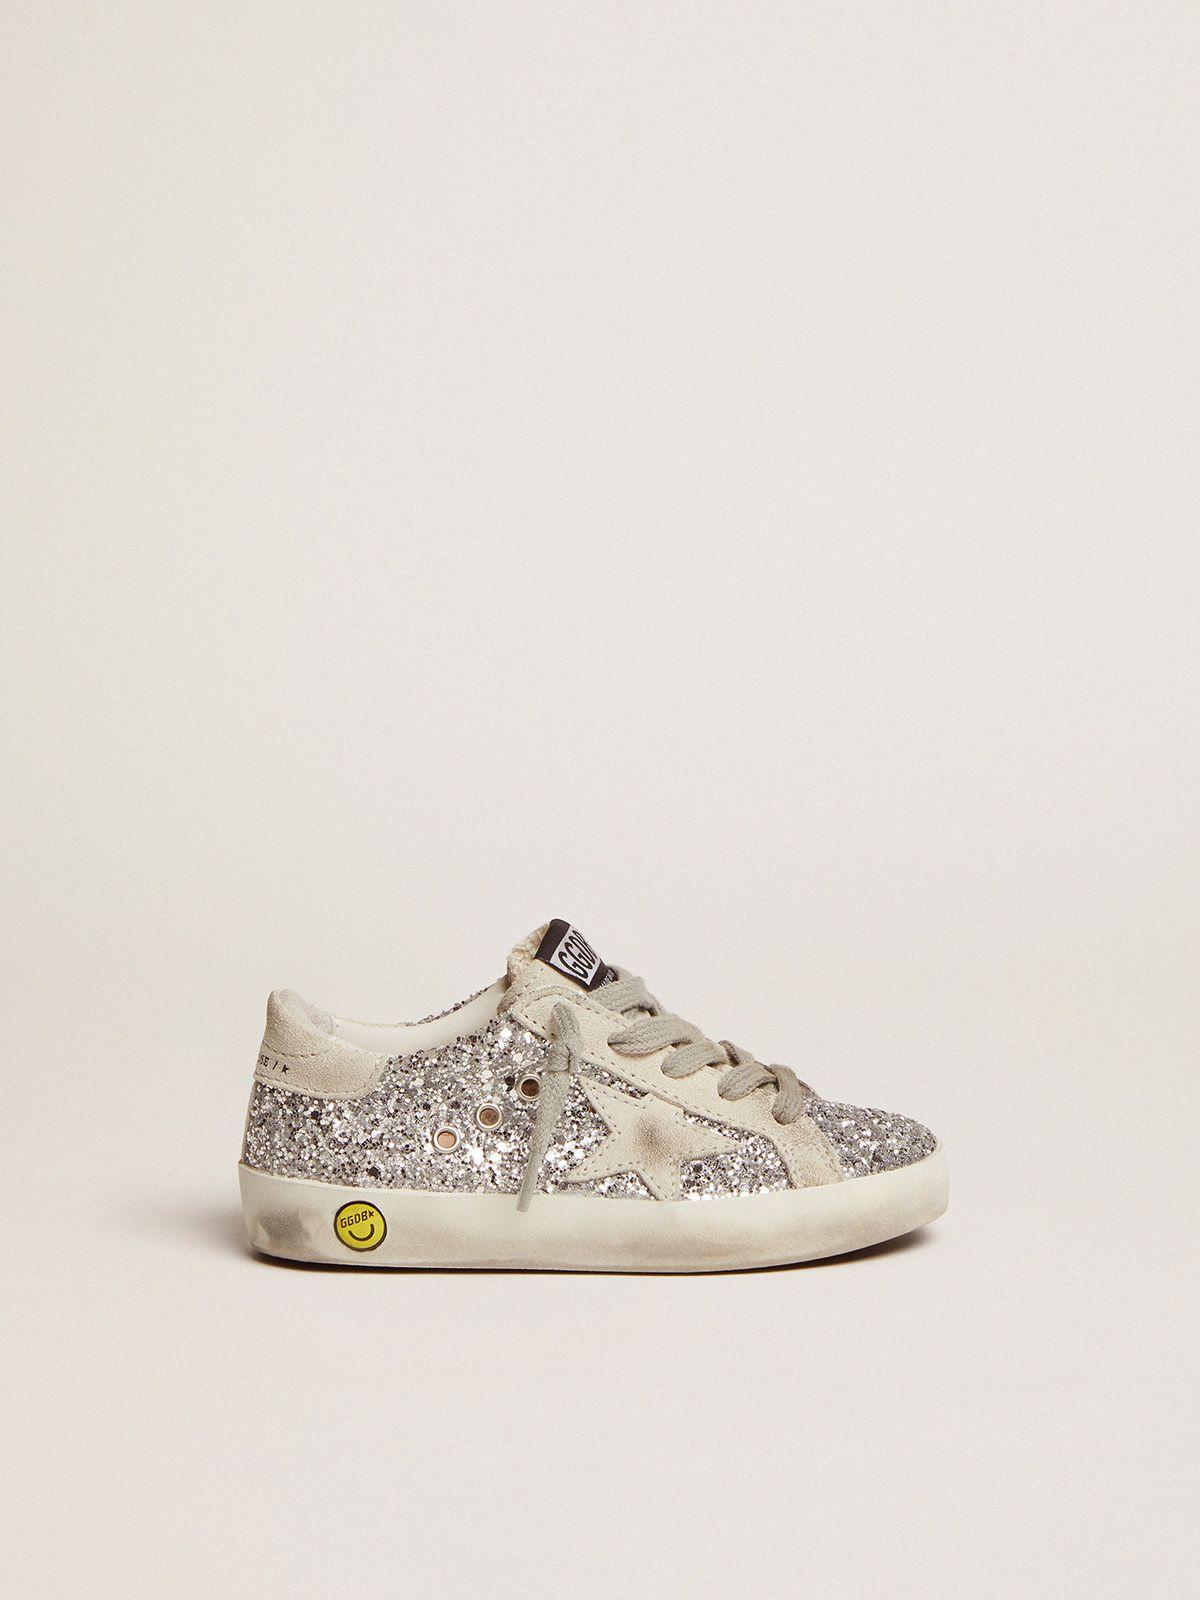 Golden Goose - Sneakers Super-Star con glitter argentati in